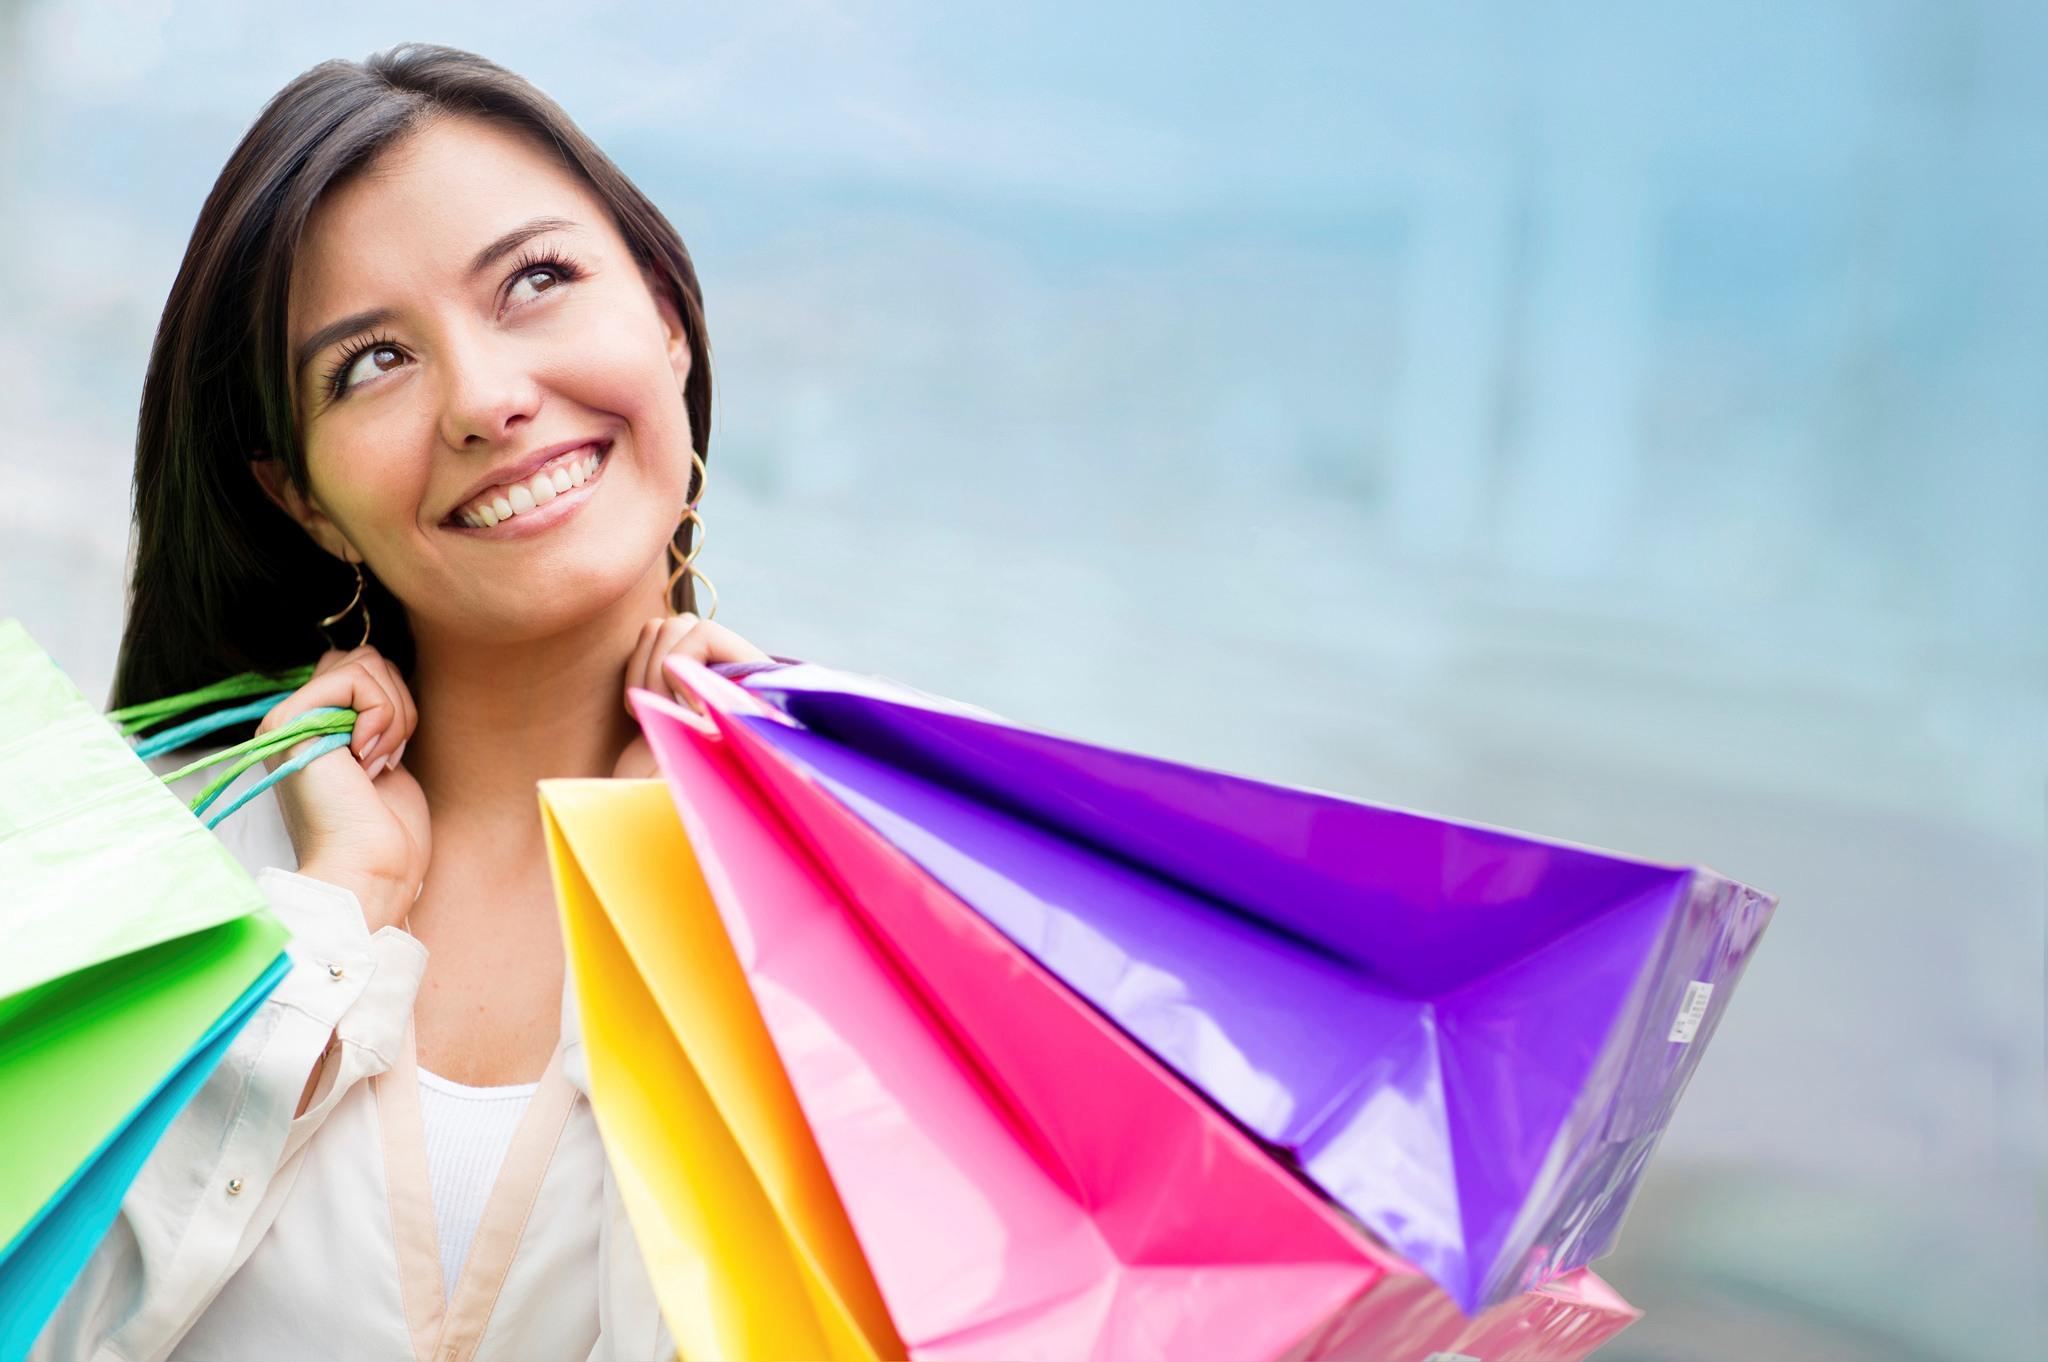 Покупка и возврат одежды в магазин: 7 советов Роспотребнадзора